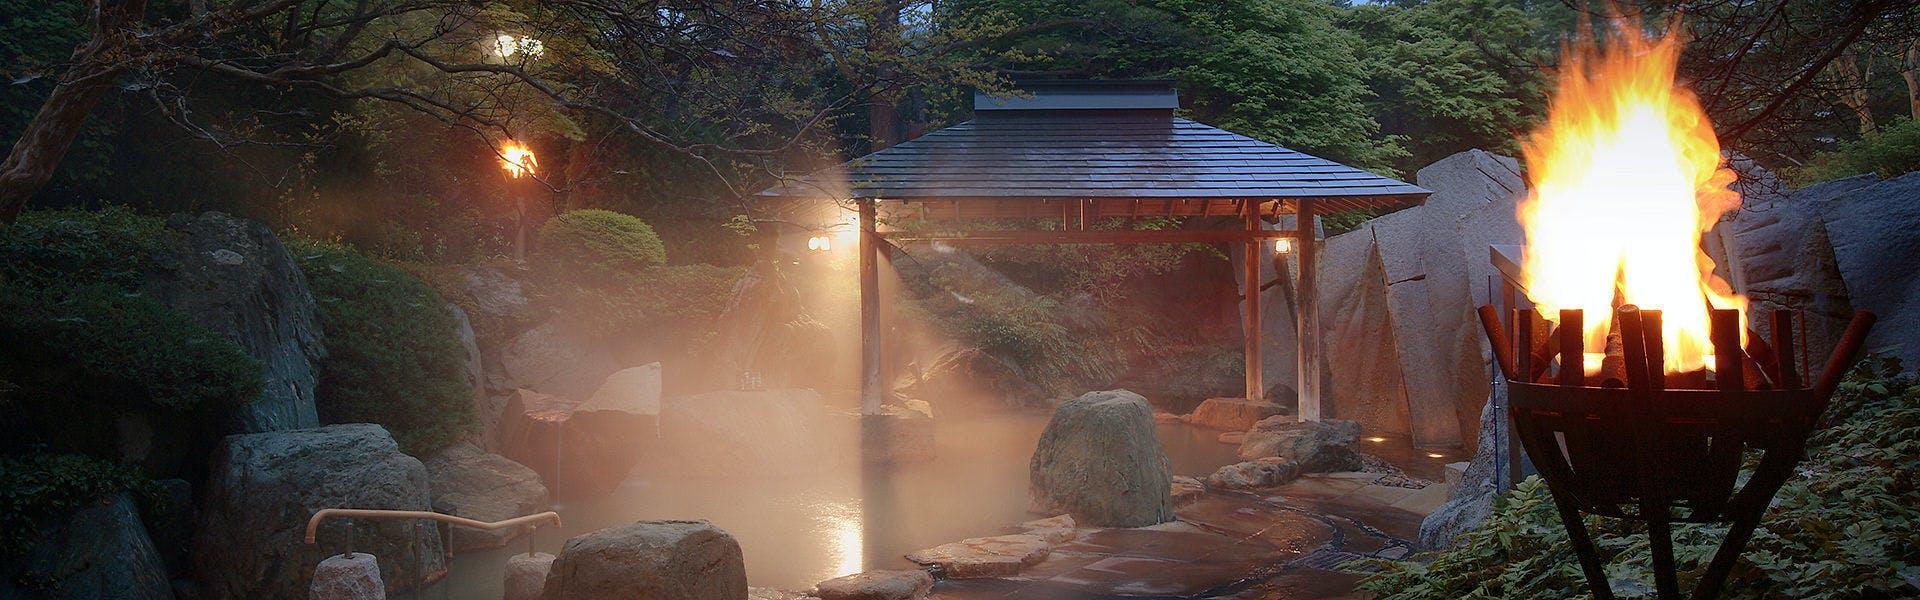 記念日におすすめのホテル・仙台 秋保温泉 篝火の湯 緑水亭の写真2